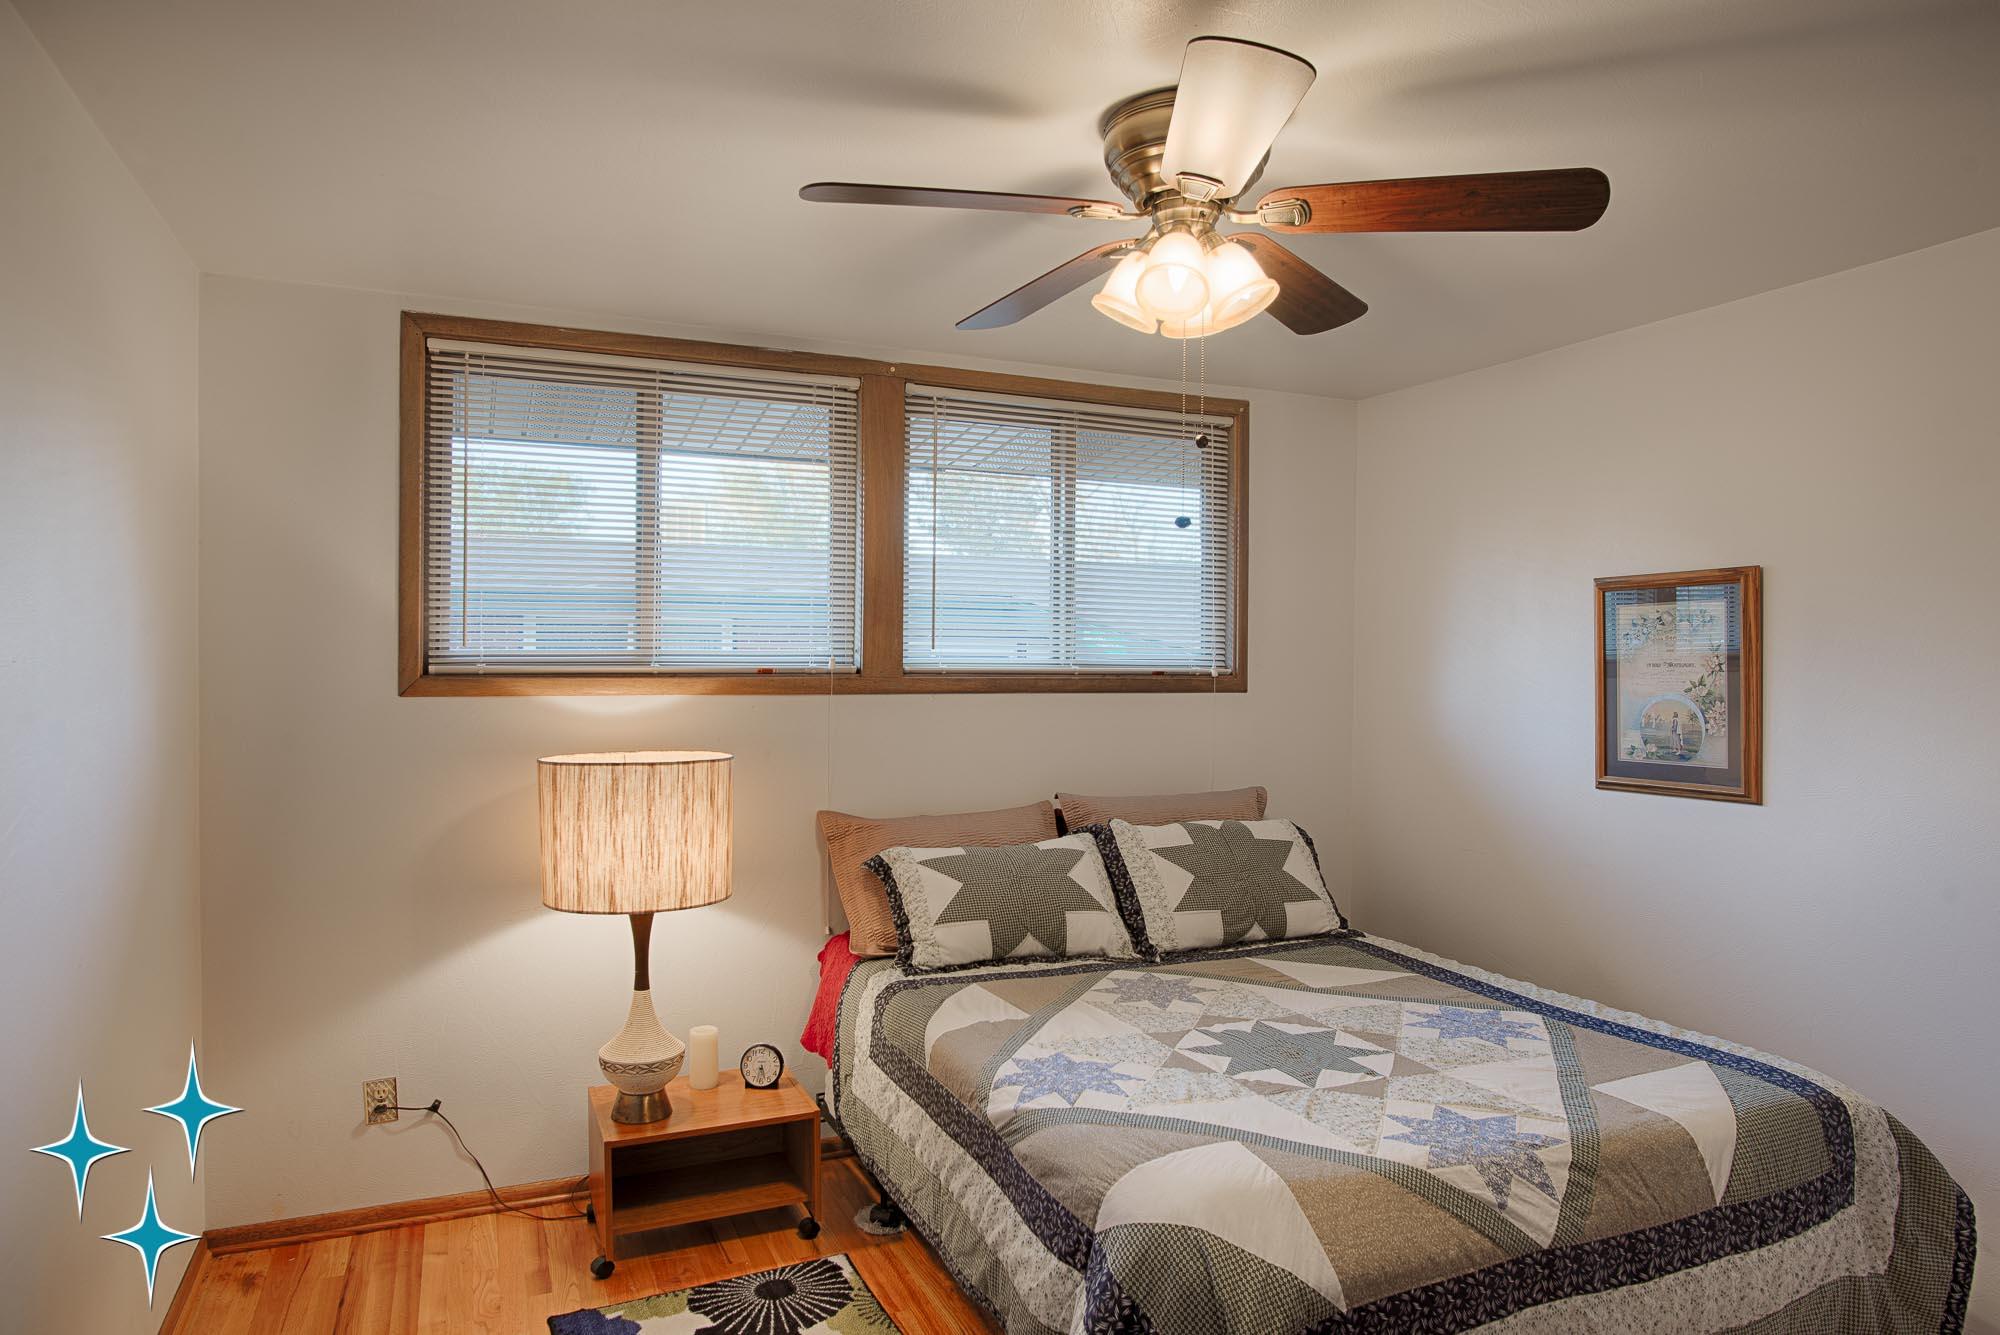 Adrian-Kinney-4155-W-Iliff-Avenue-Denver-r-Carey-Holiday-Home-2000w50-3SWM-25.jpg